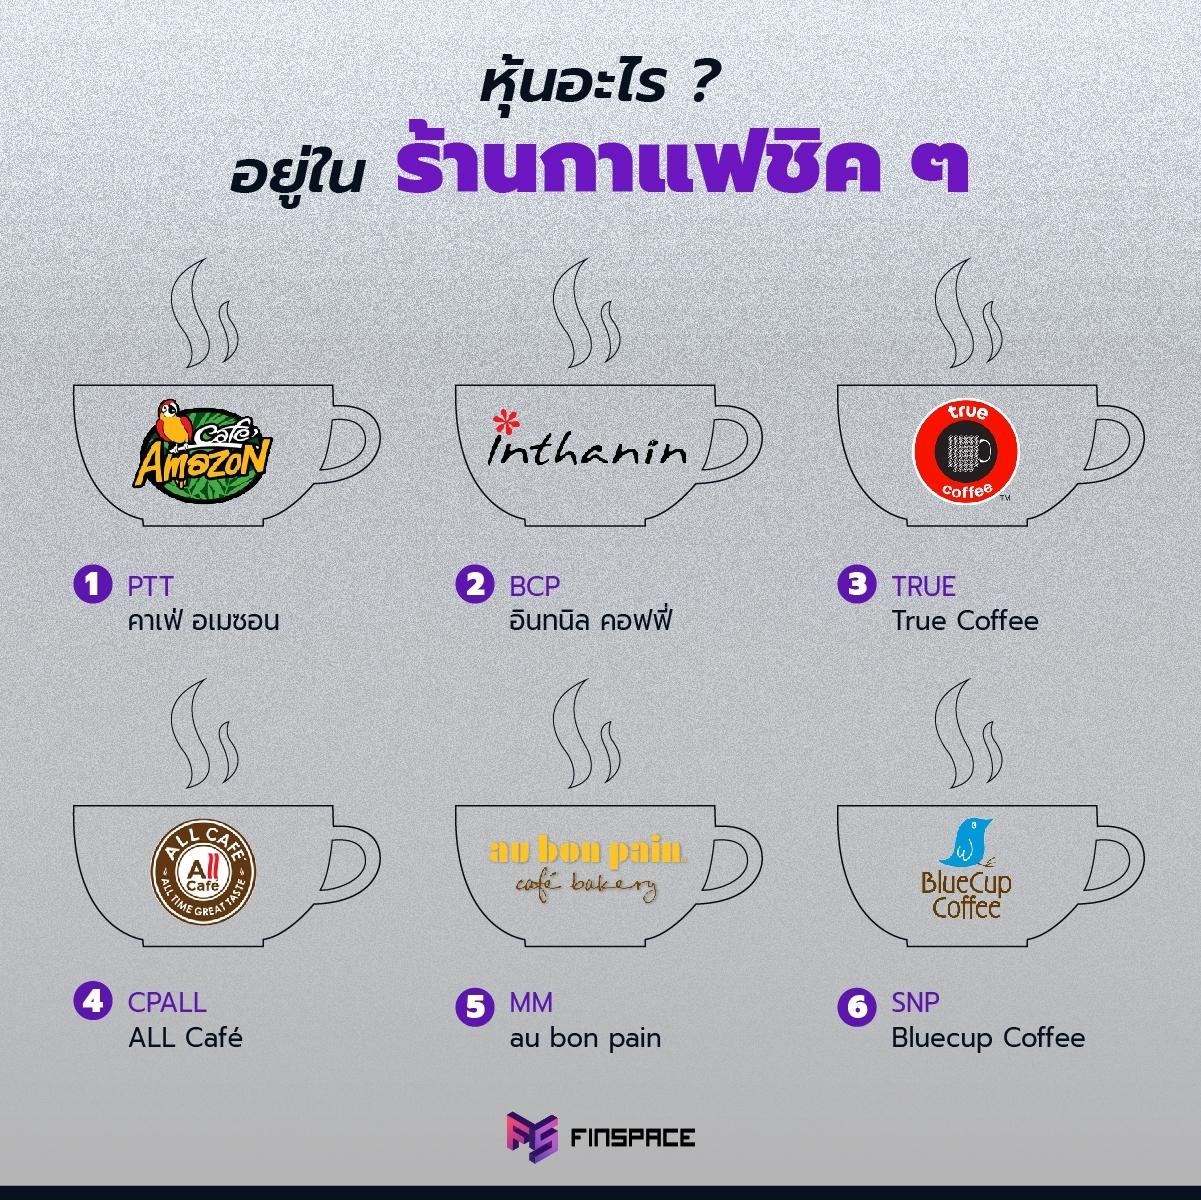 หุ้นร้านกาแฟ